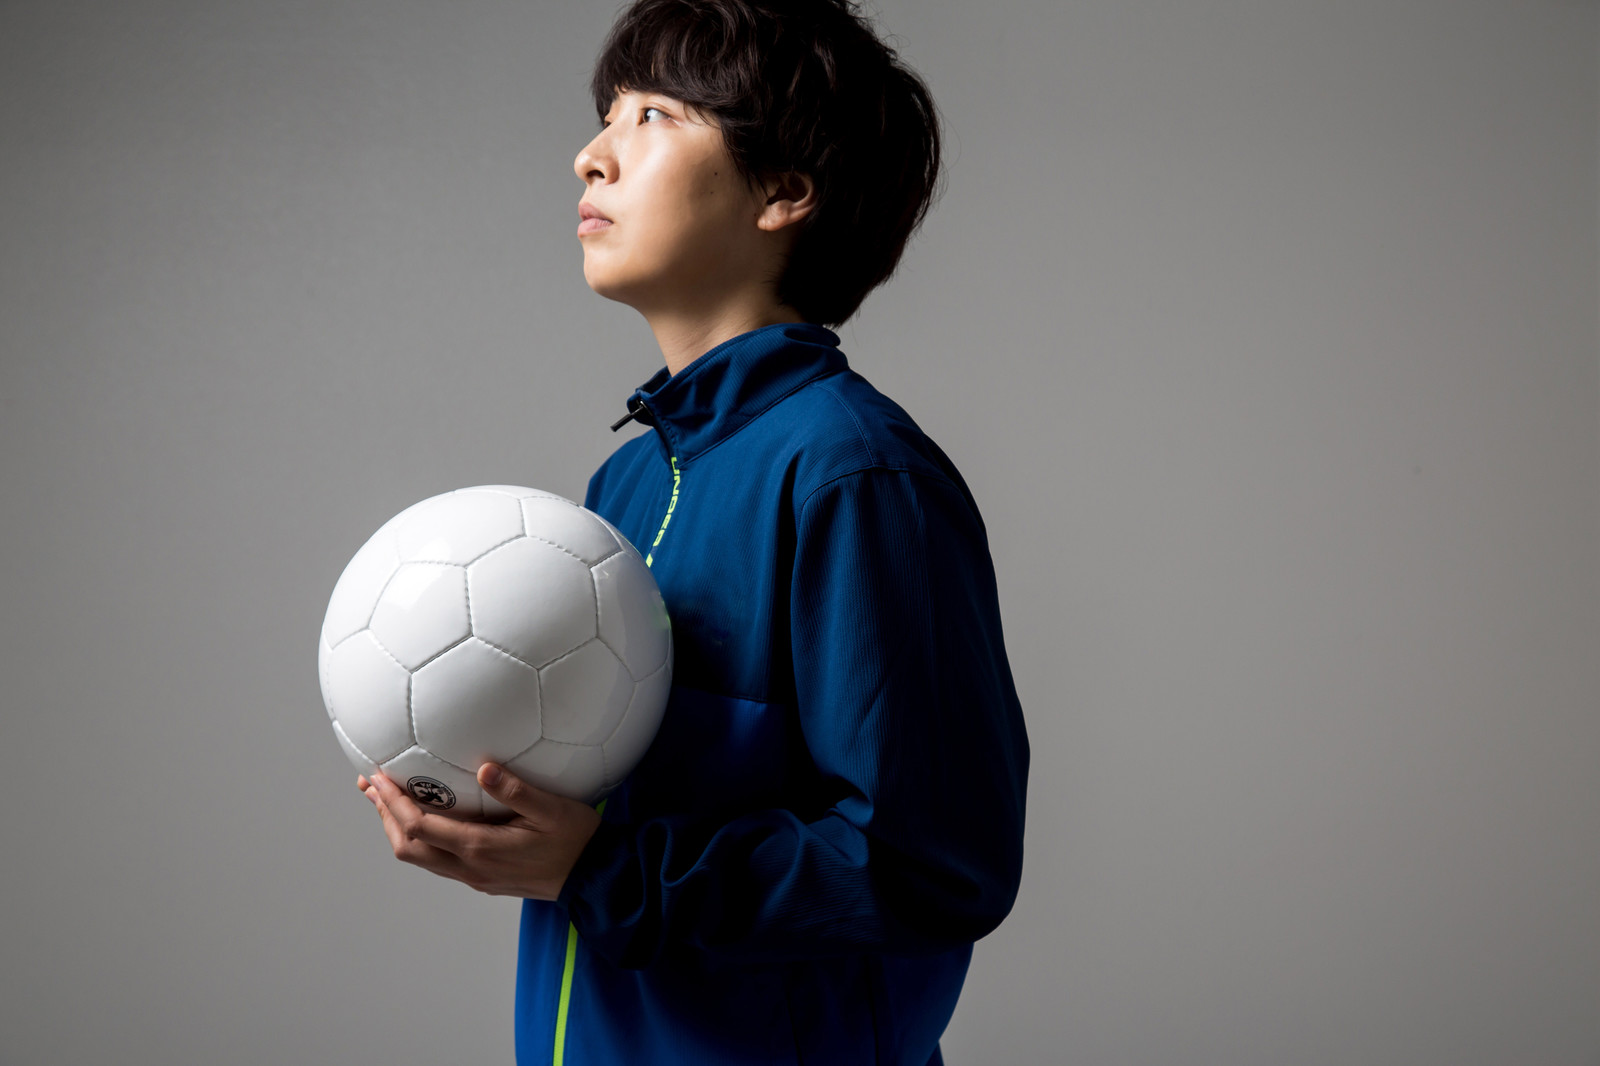 「サッカーボールを持って練習場に来たら本日貸し切りだった」の写真[モデル:八木彩香]